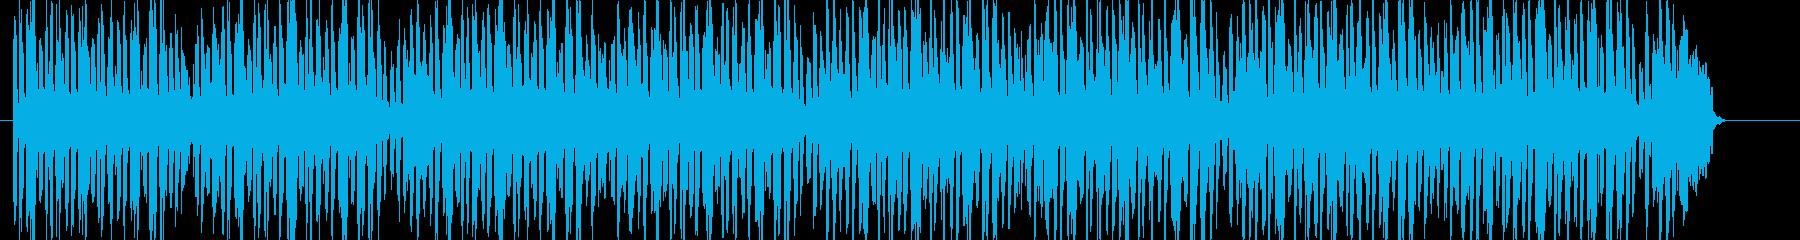 口笛と鉄琴が可愛い ほのぼのしたポップスの再生済みの波形